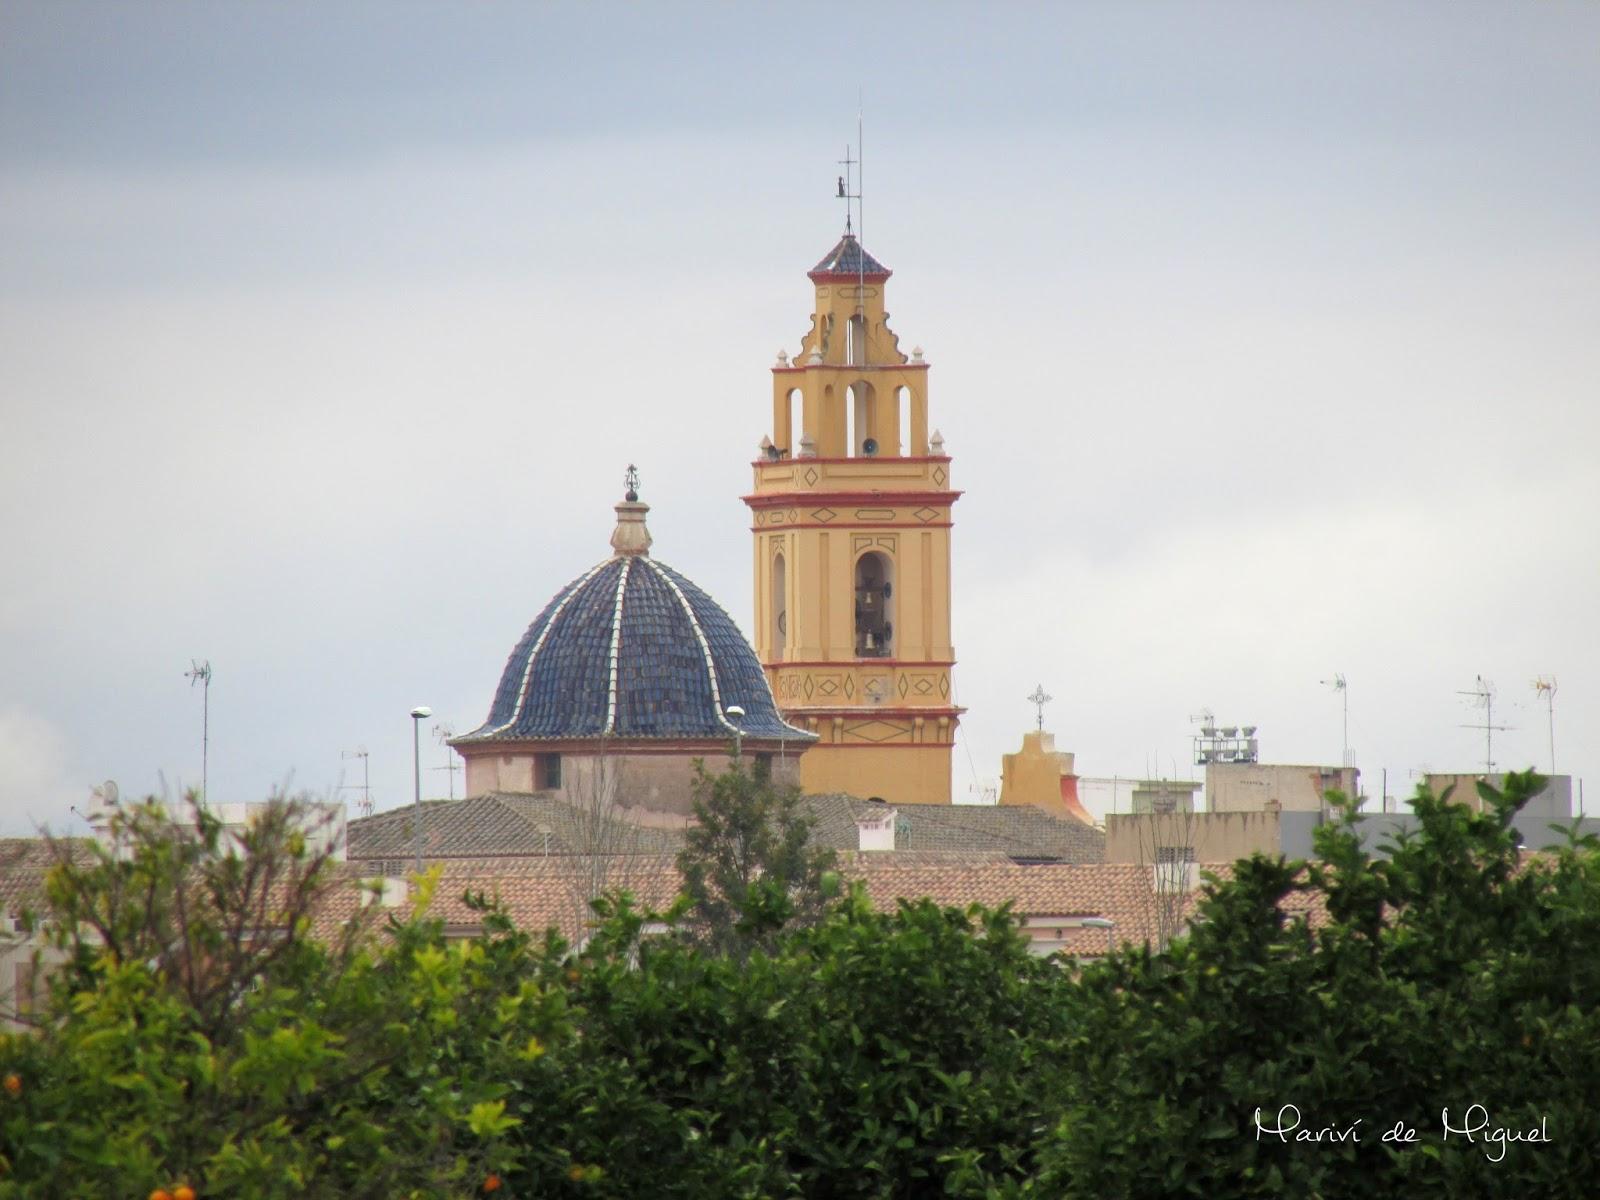 Campanario de Albalat dels Sorells desde Mahuella